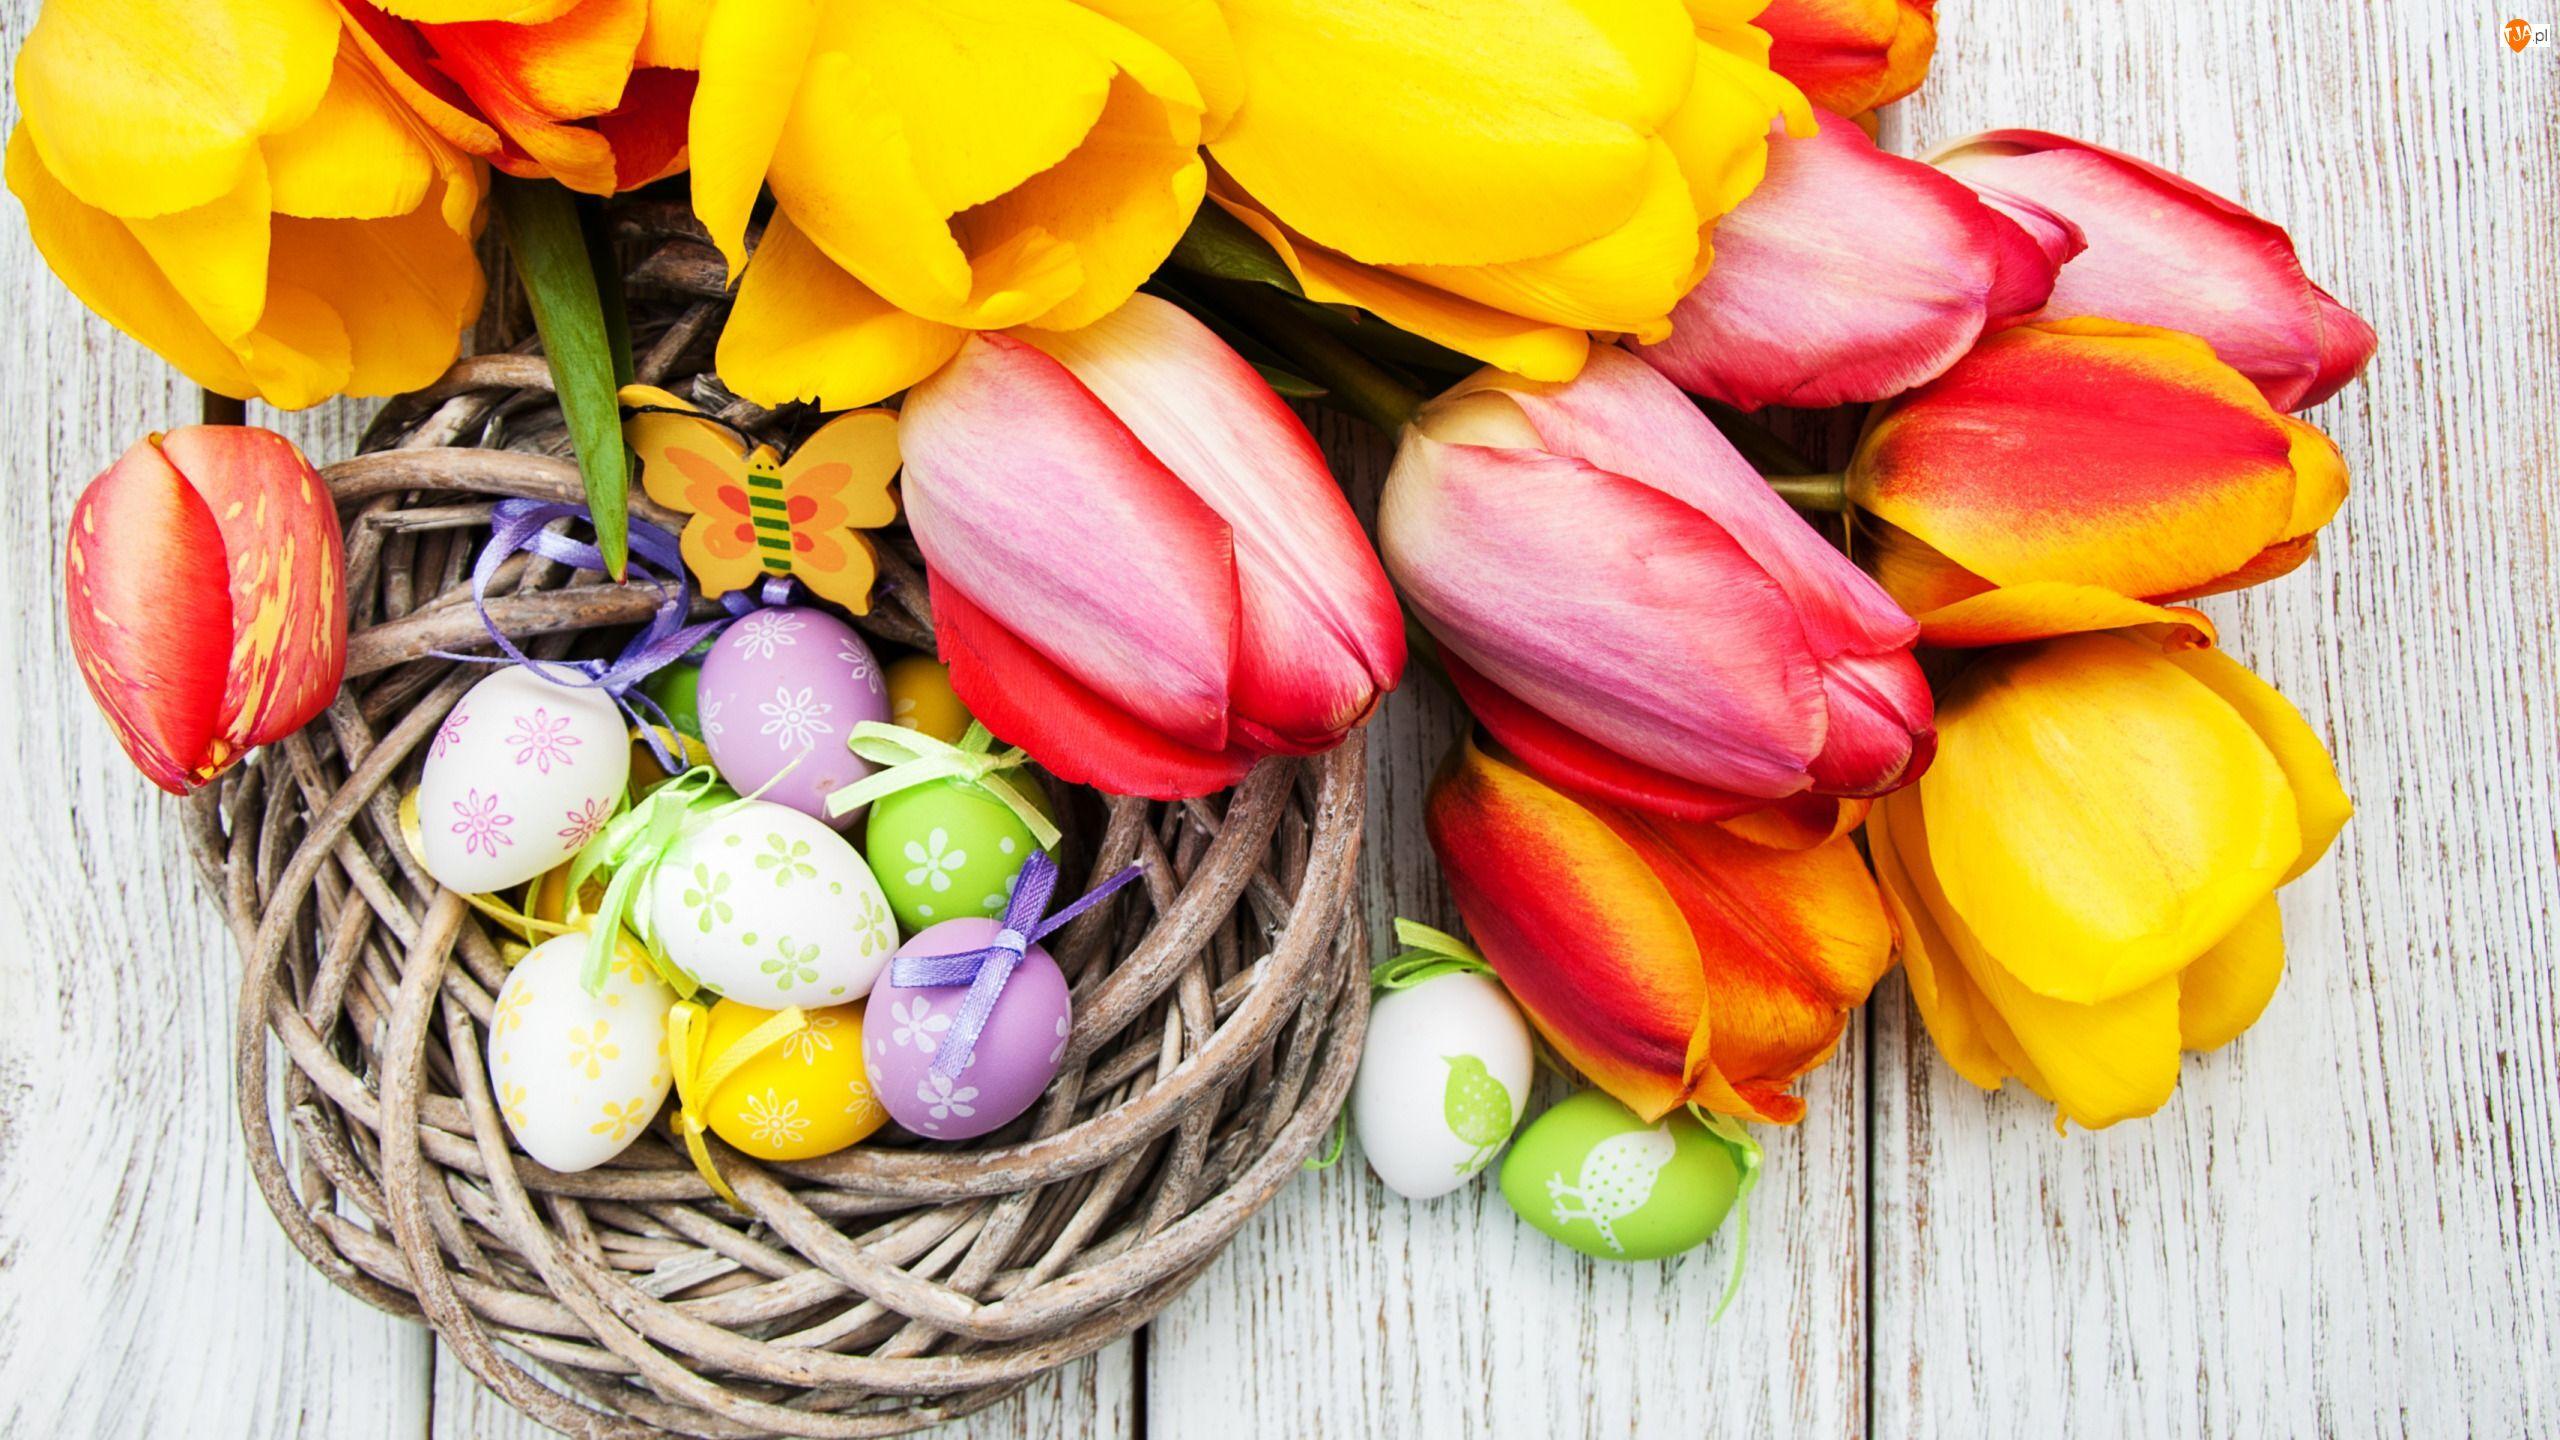 Motylek, Kwiaty, Pisanki, Deski, Tulipany, Jajka, Wielkanoc, Koszyk